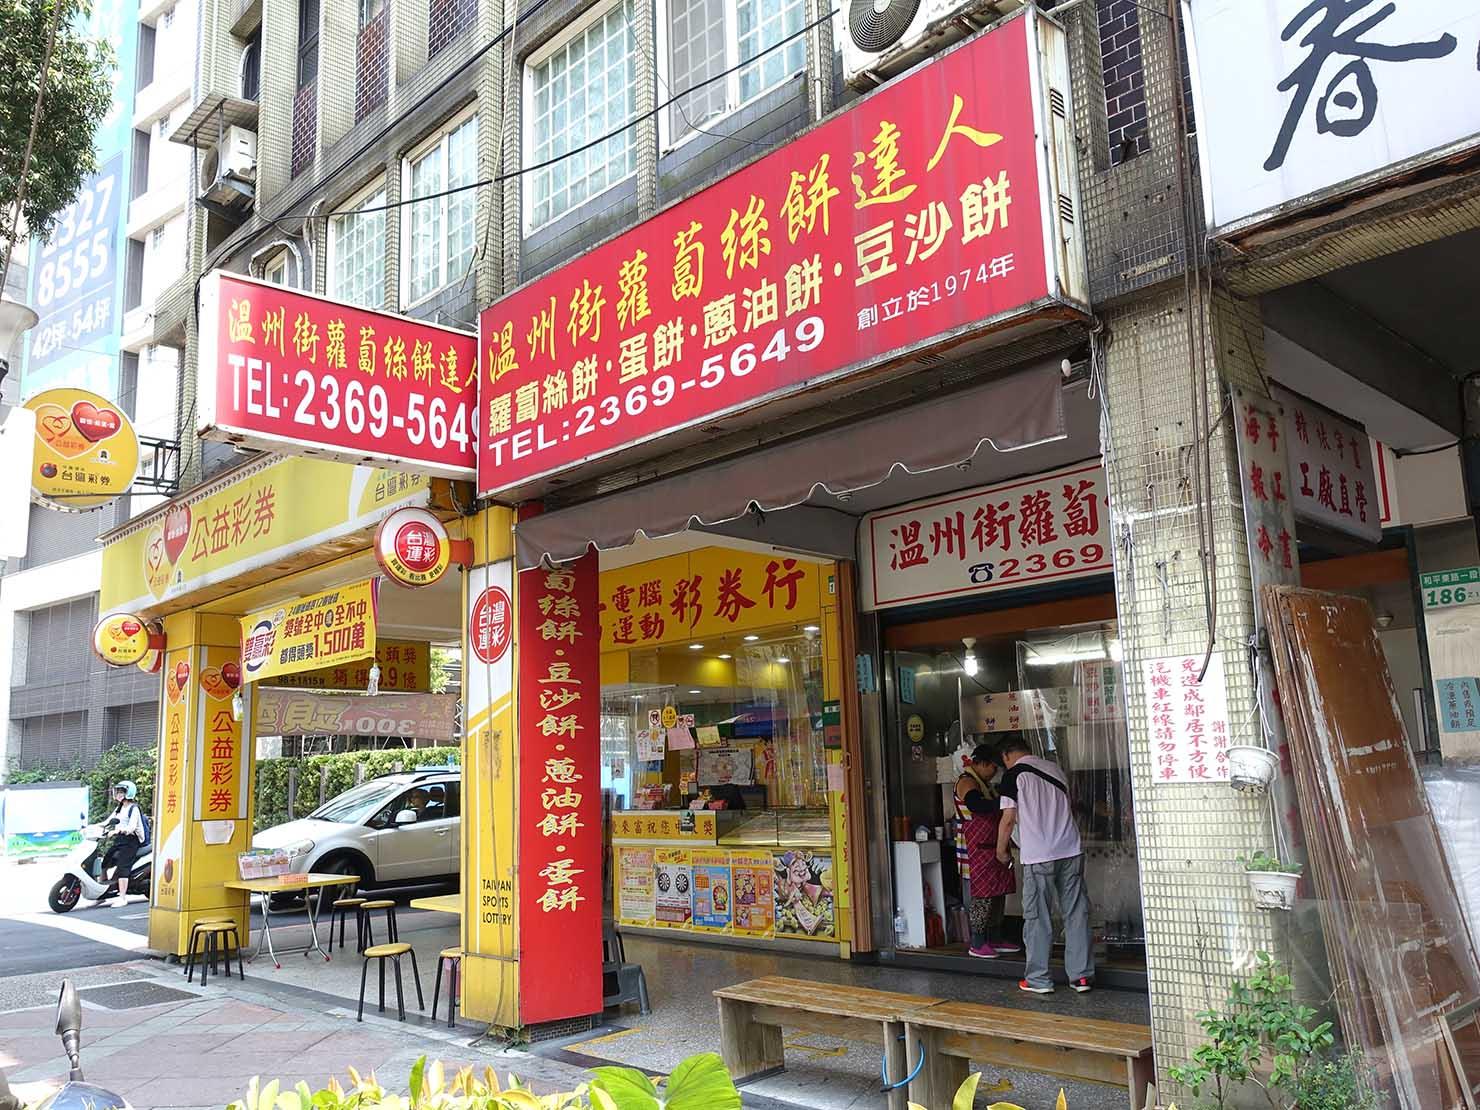 台北・師大夜市のおすすめ台湾グルメ店「溫州街蘿蔔絲餅達人」の外観